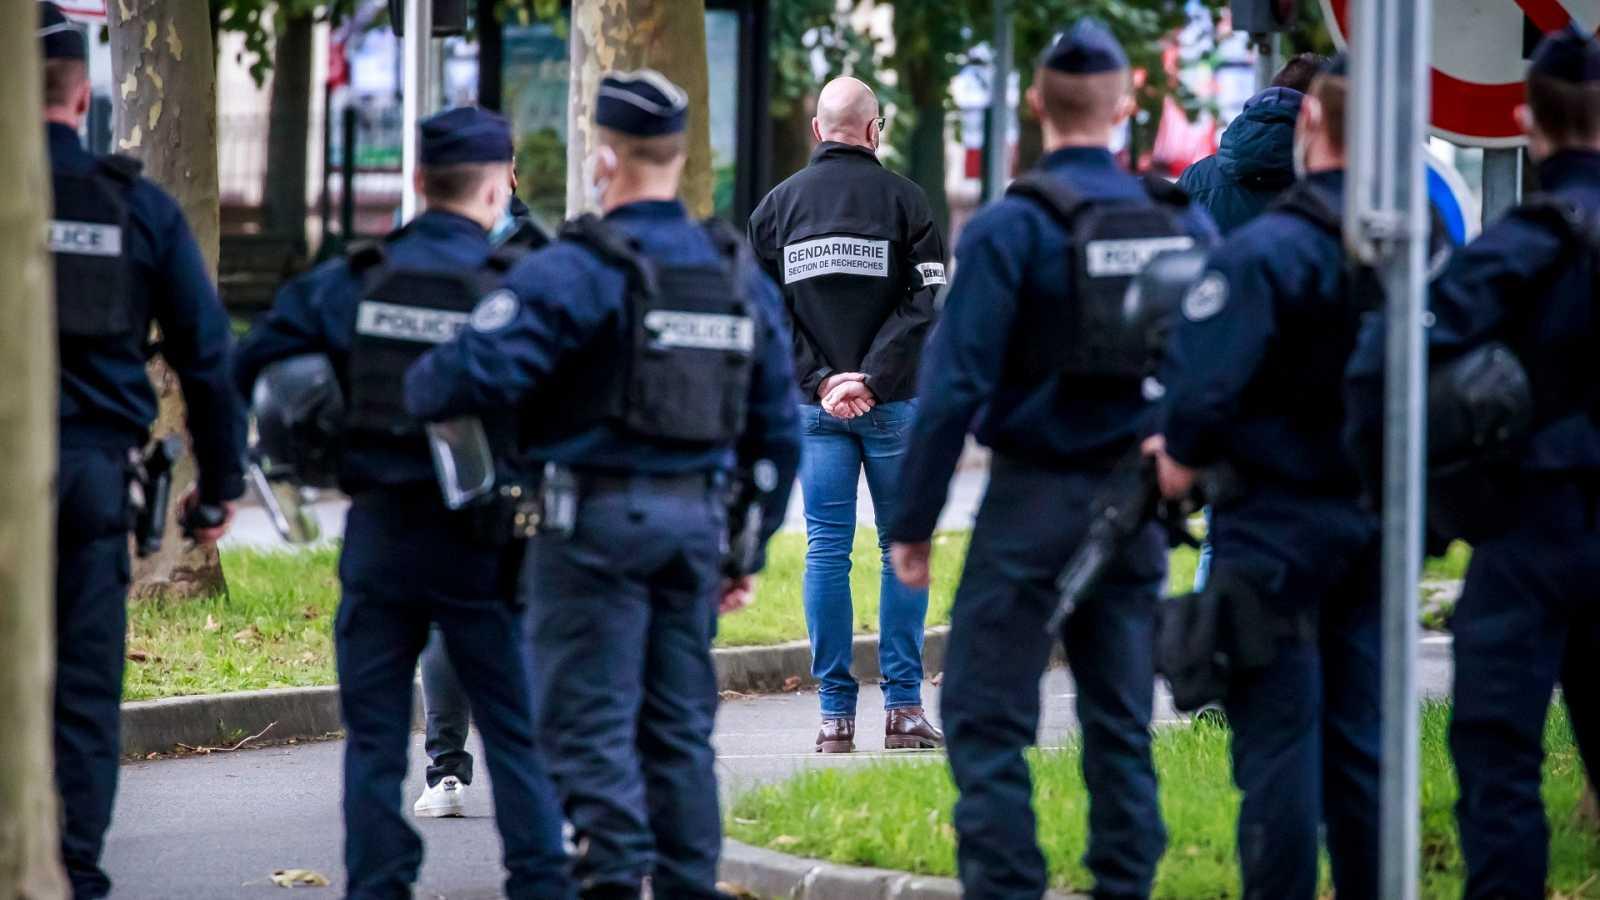 Francia endurecerá la ley contra el yihadismo tras el atentado contra el profesor